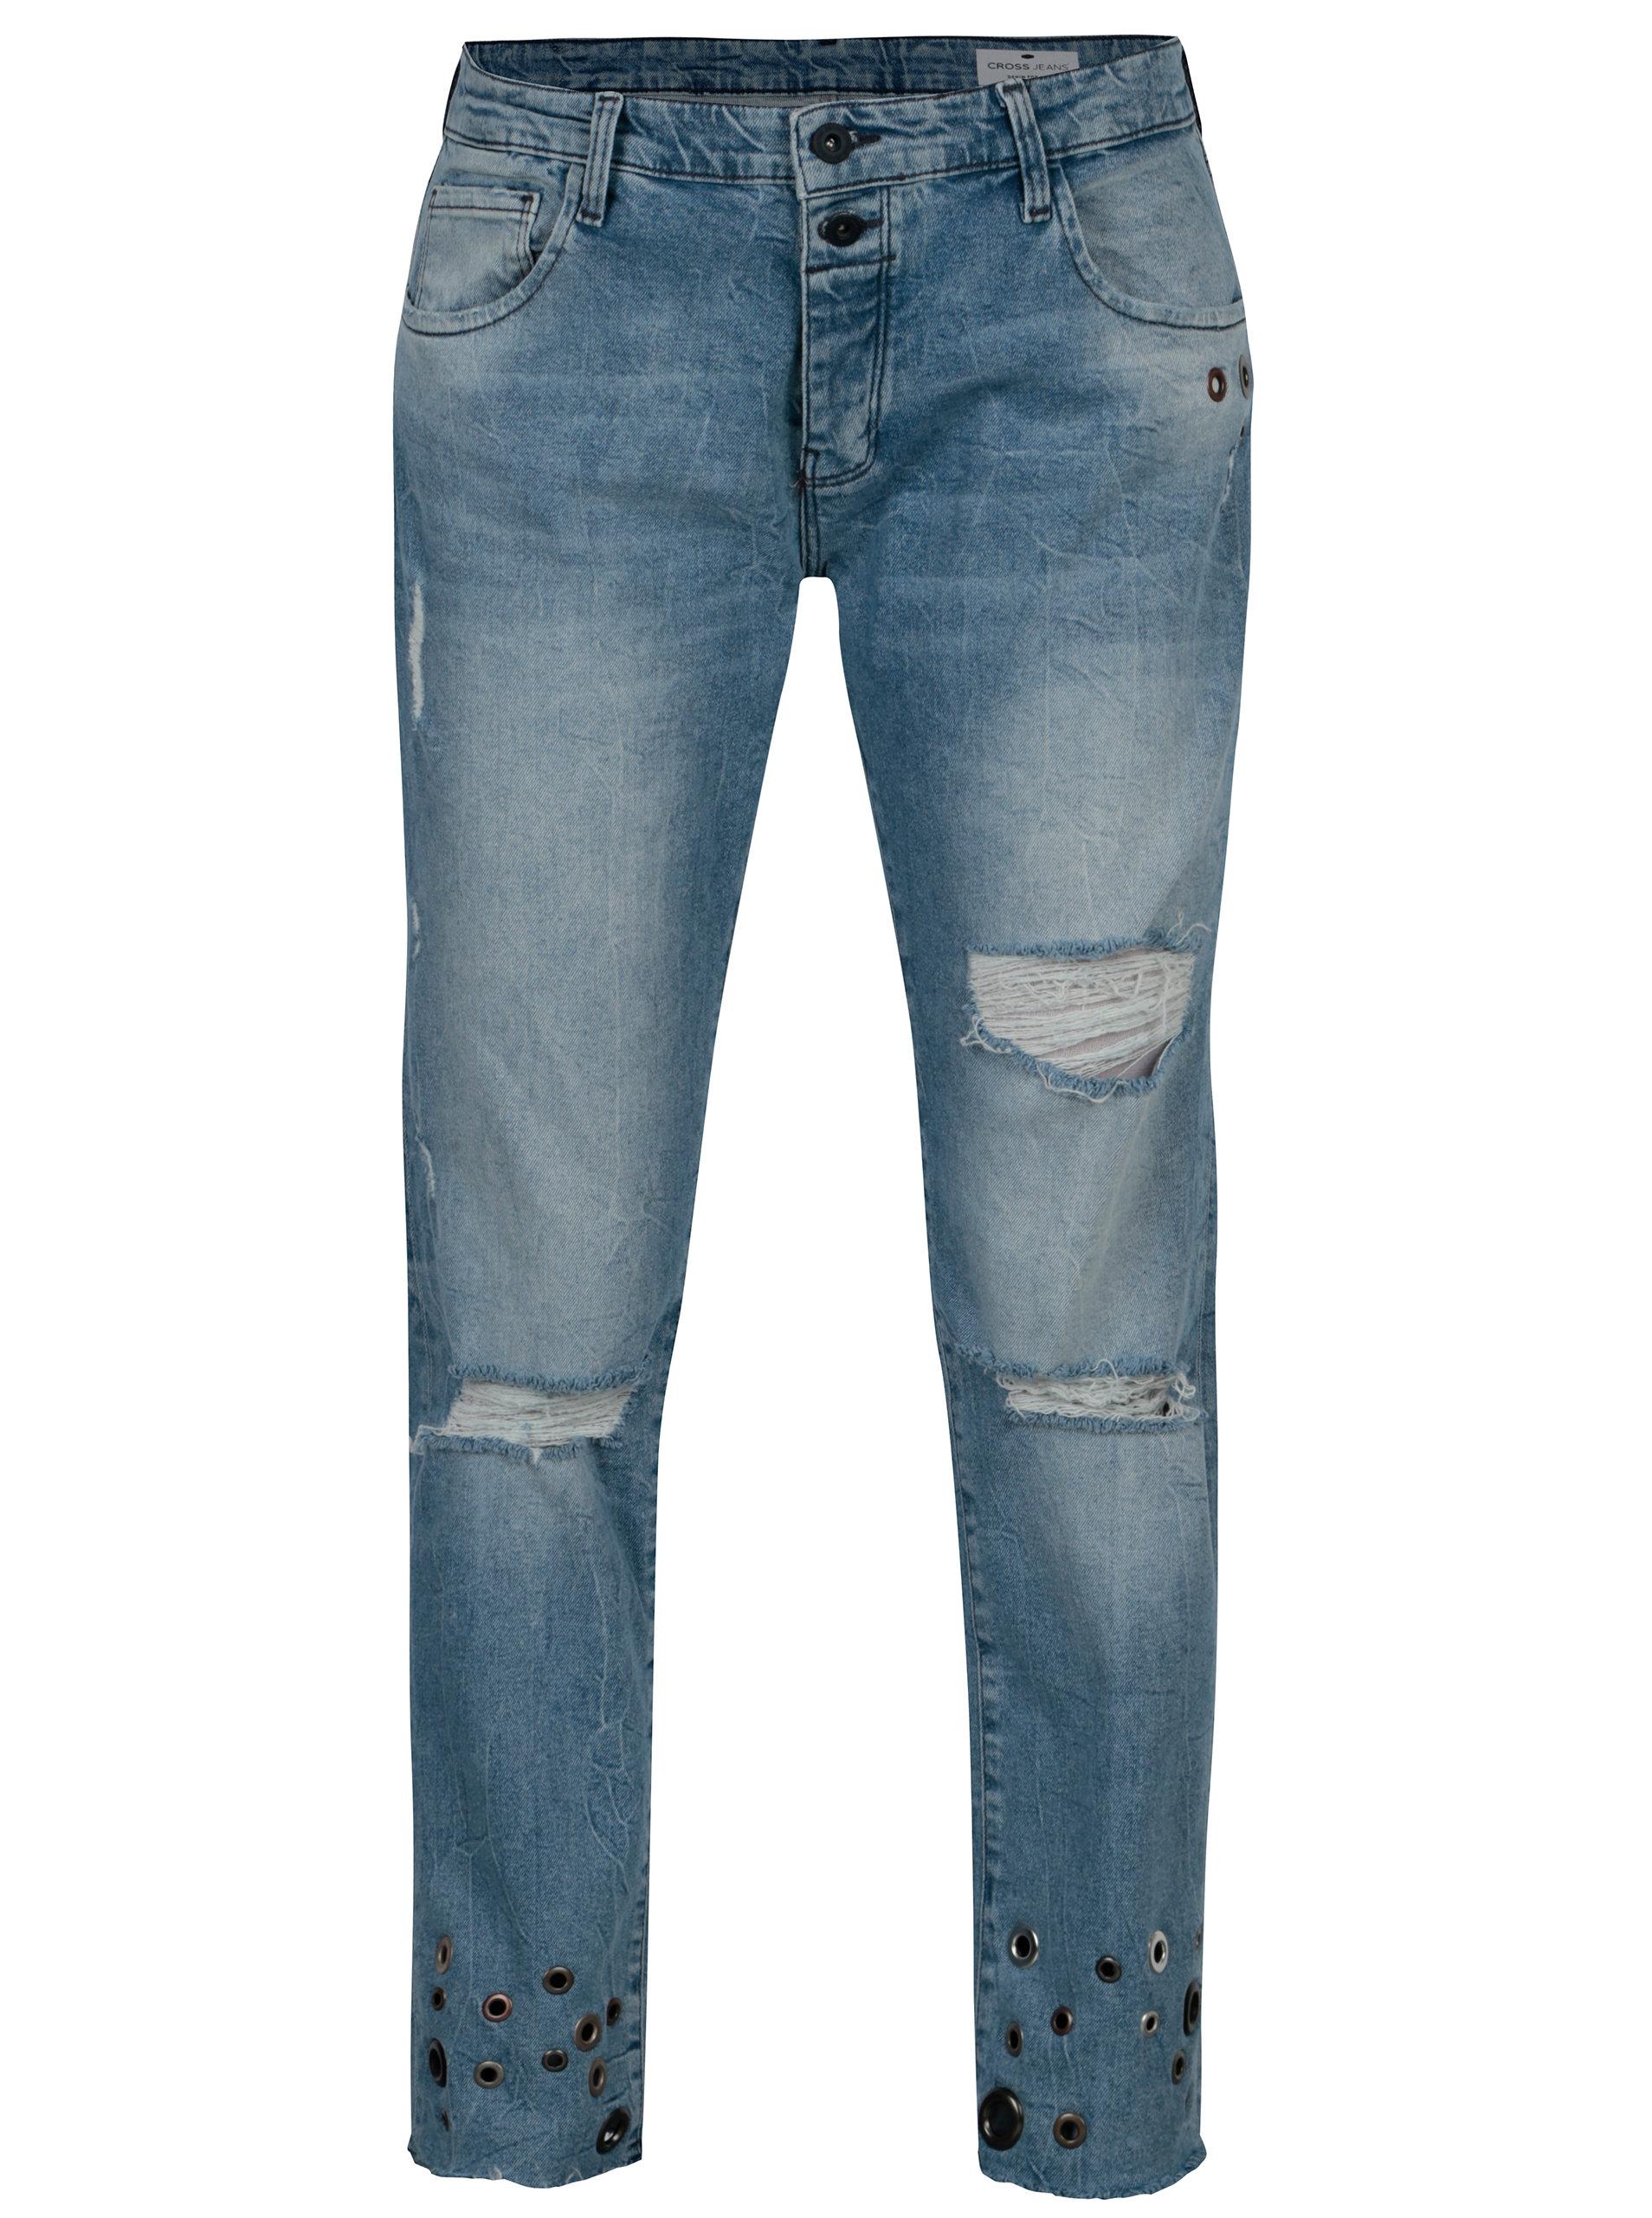 Modré dámské boyfriend džíny Cross Jeans ... 69f04ace00